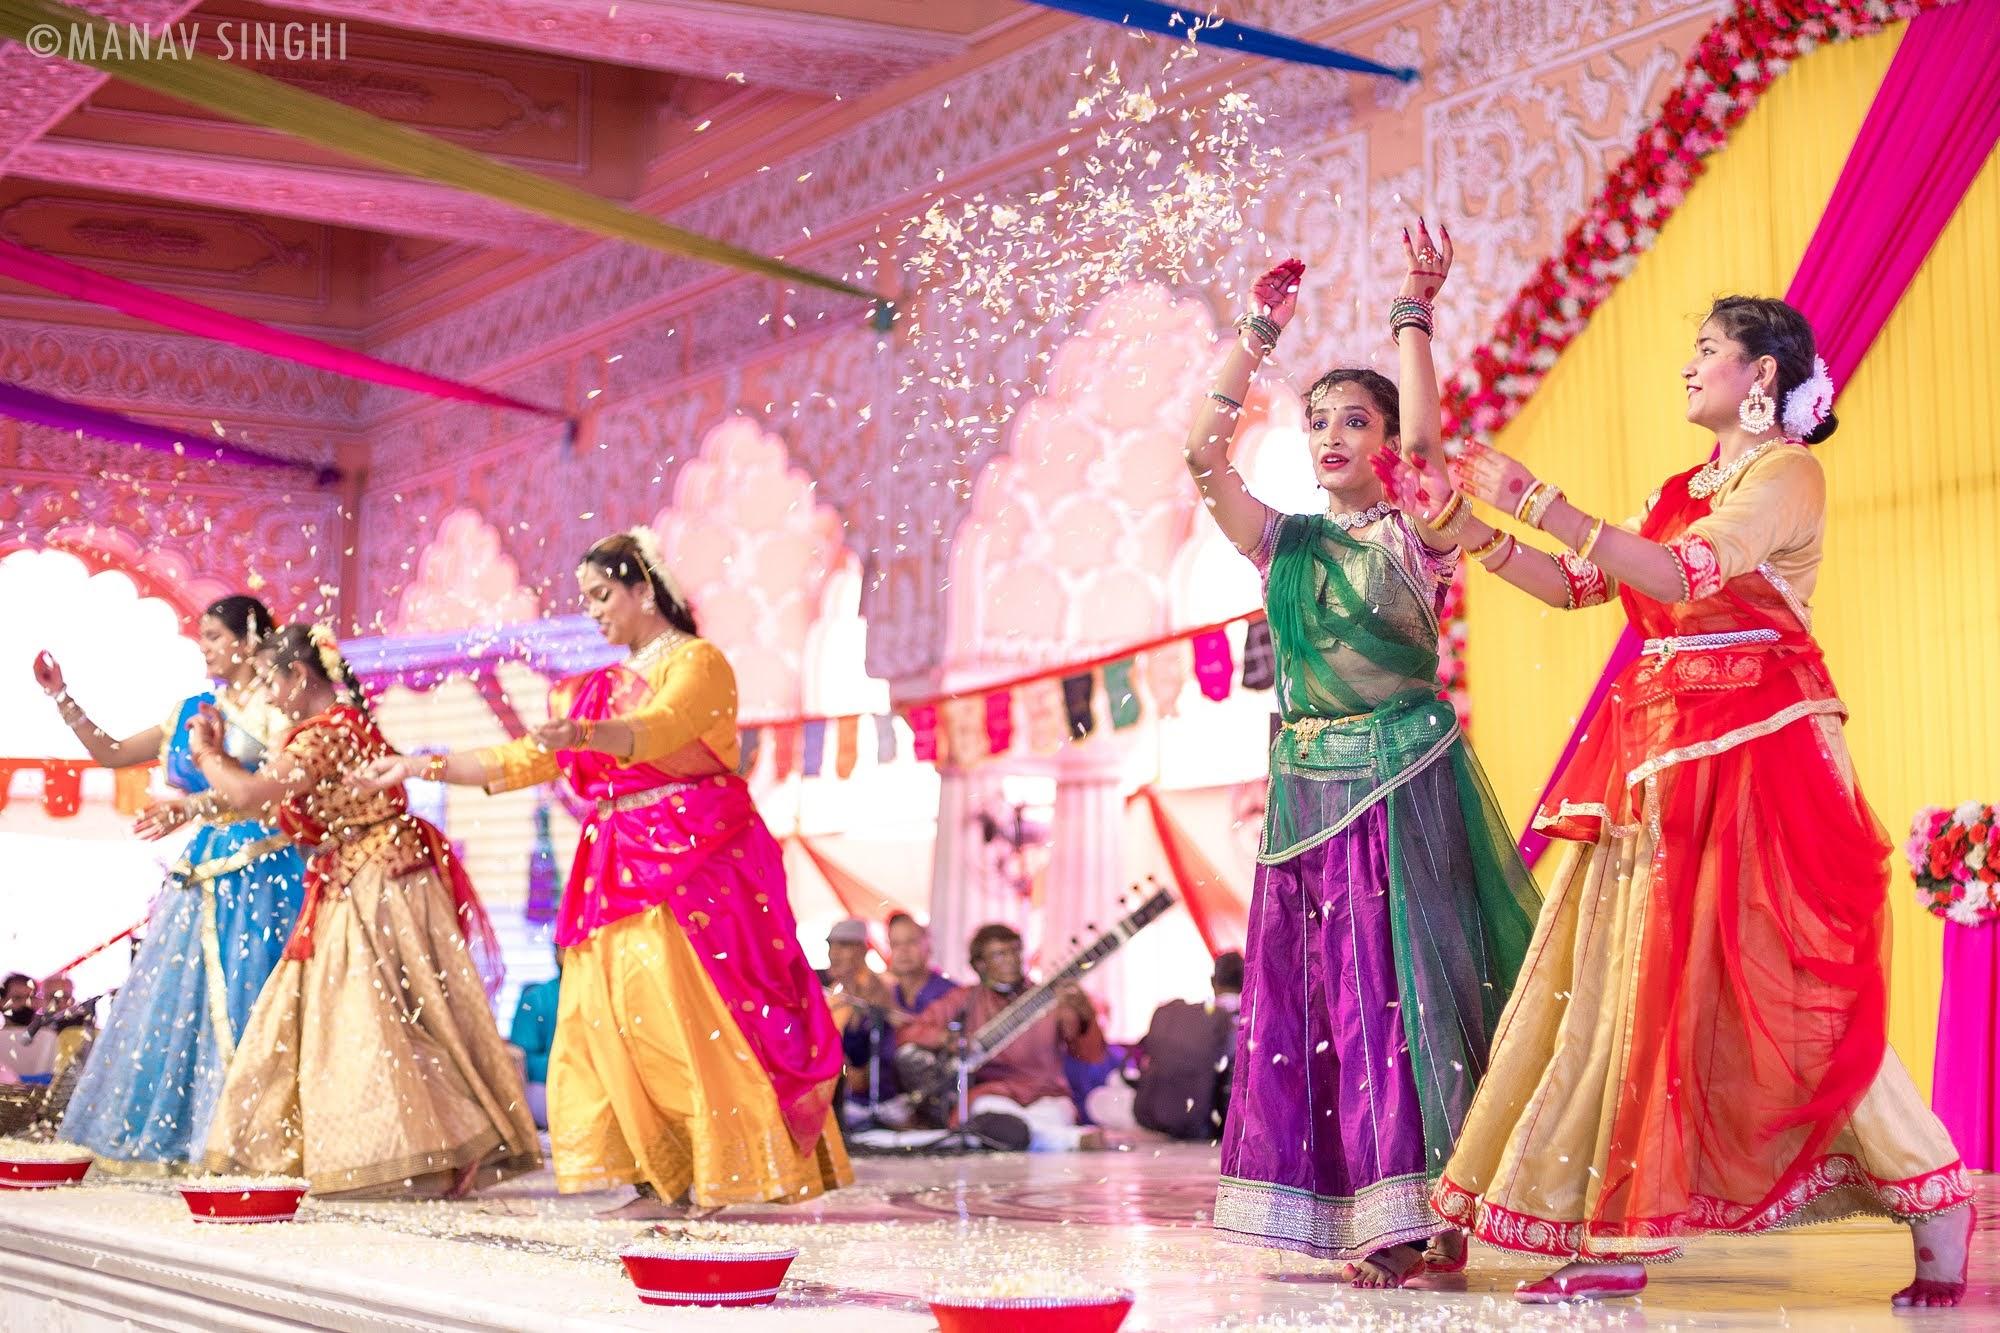 FagUtsav, Govind DevJi Mandir, Jaipur - 2021